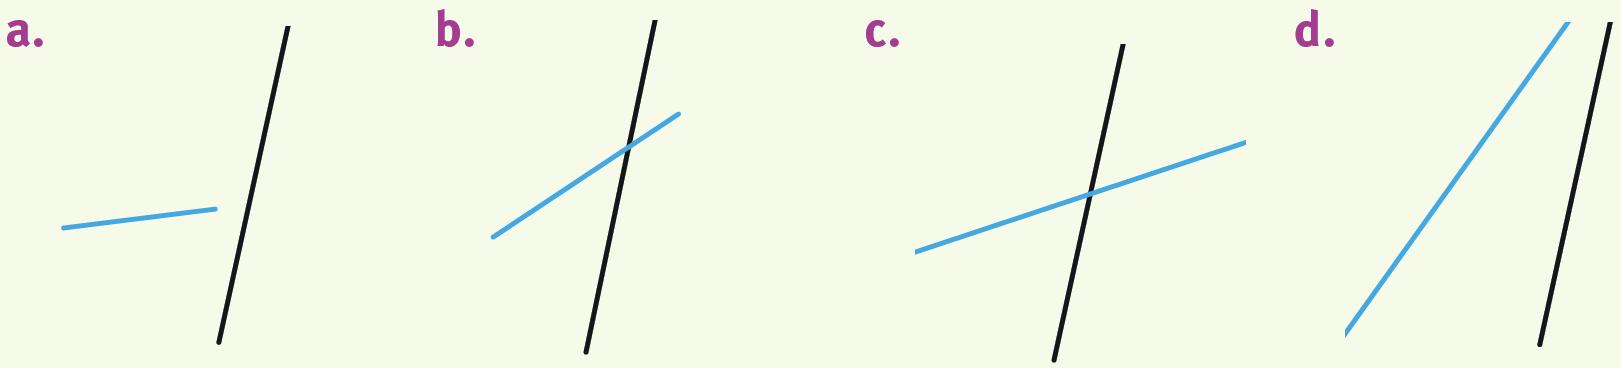 Graphique lié à l'exercice 4